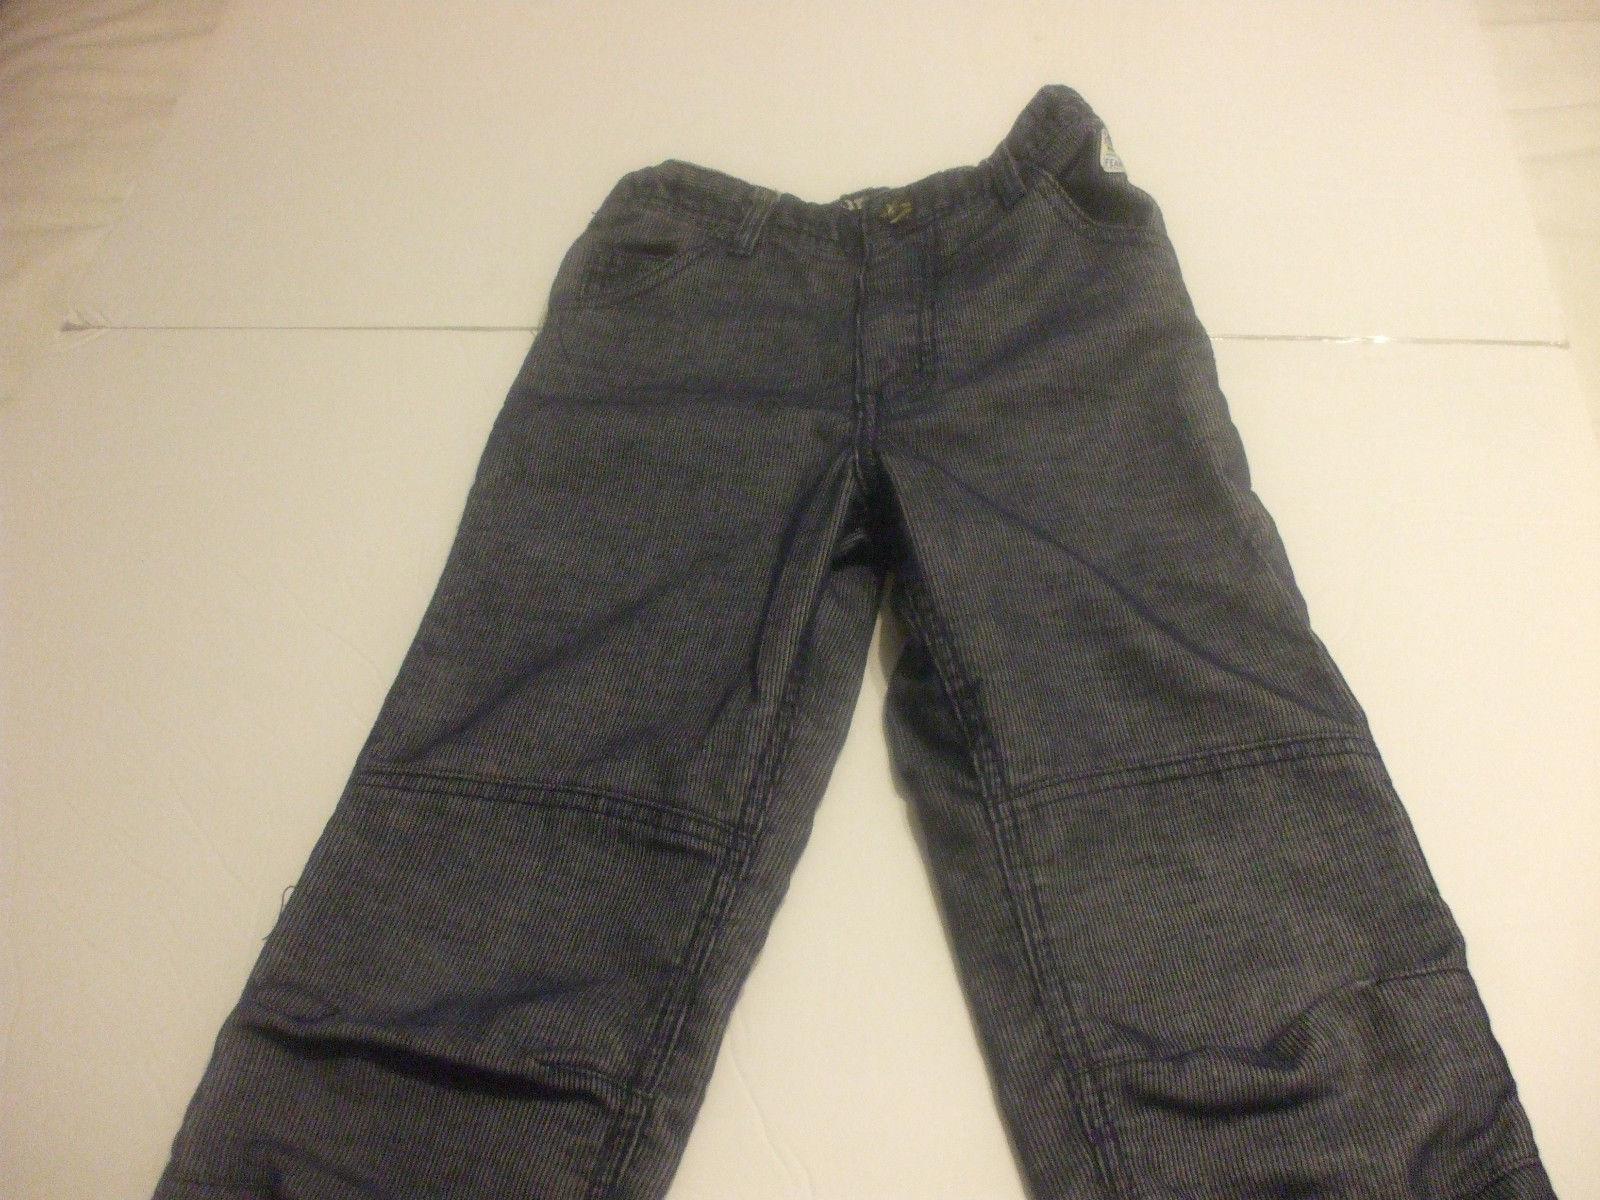 Boys Blue Pants R41DR Stratosphere 2041 Size 8 Cotton Blend